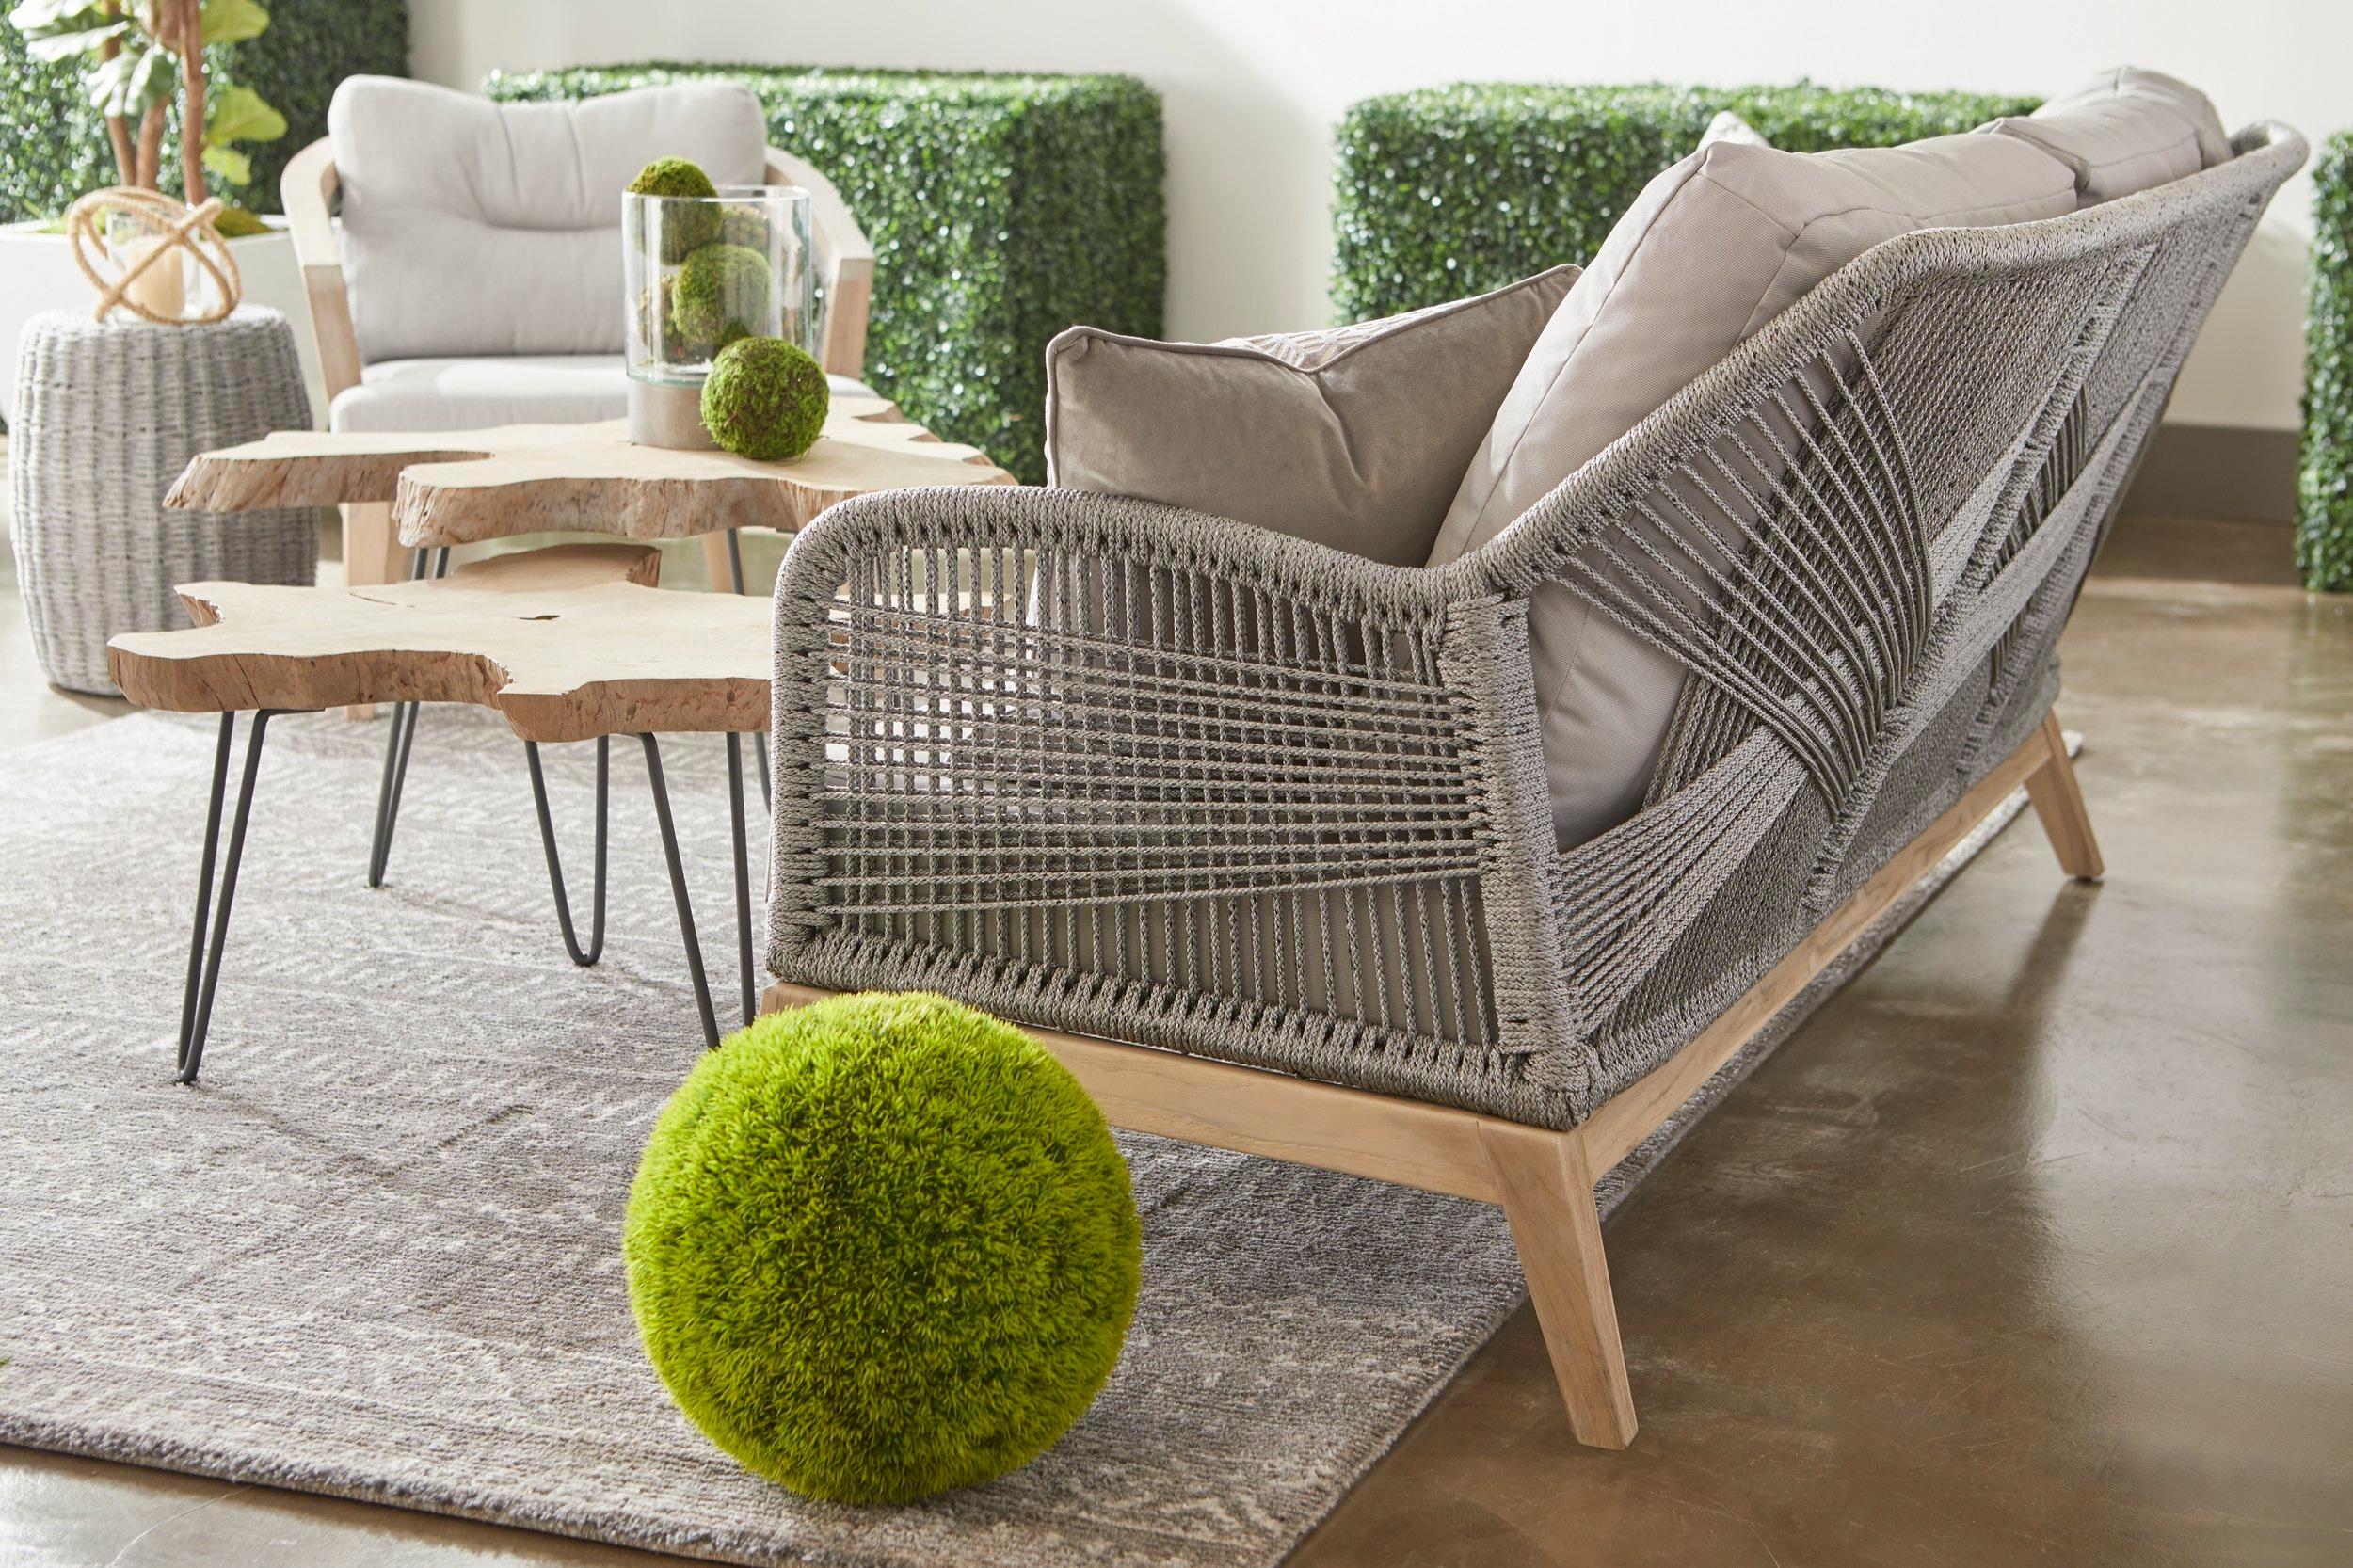 Drift+Nesting+Coffee+Table+-+Gray+Teak_2-07.jpg